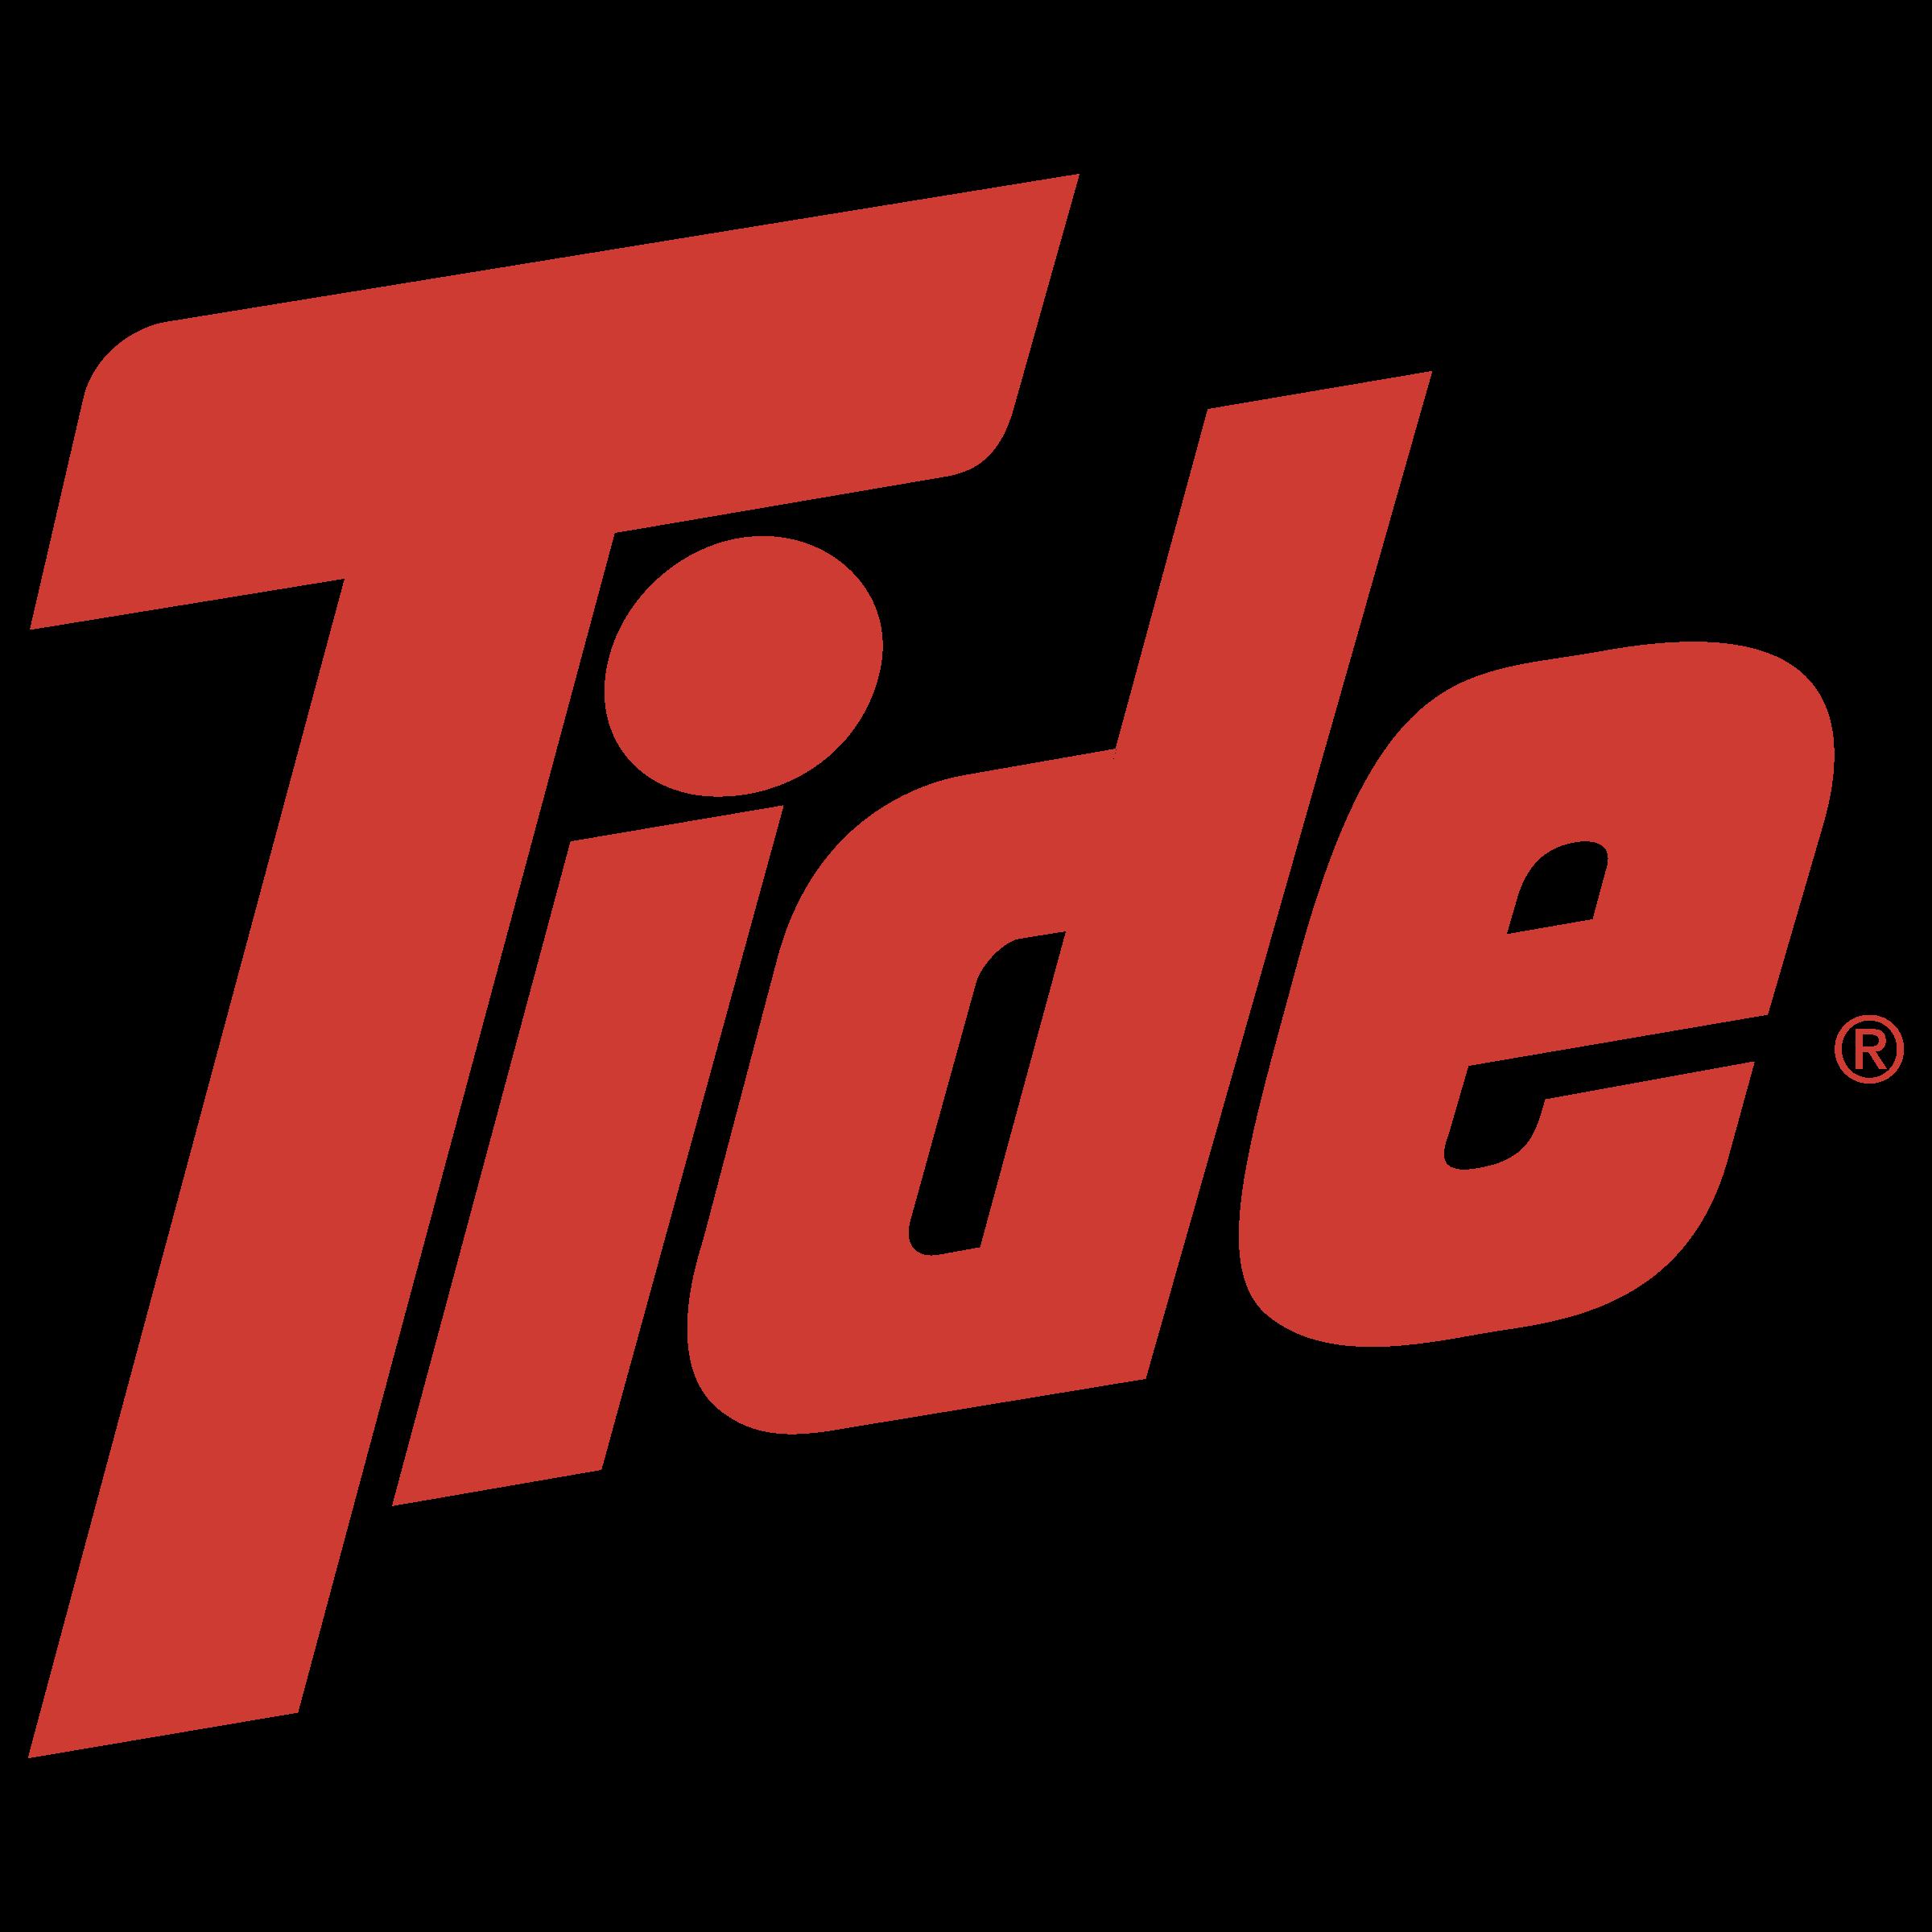 Tide Logo PNG Transparent & SVG Vector - Freebie Supply